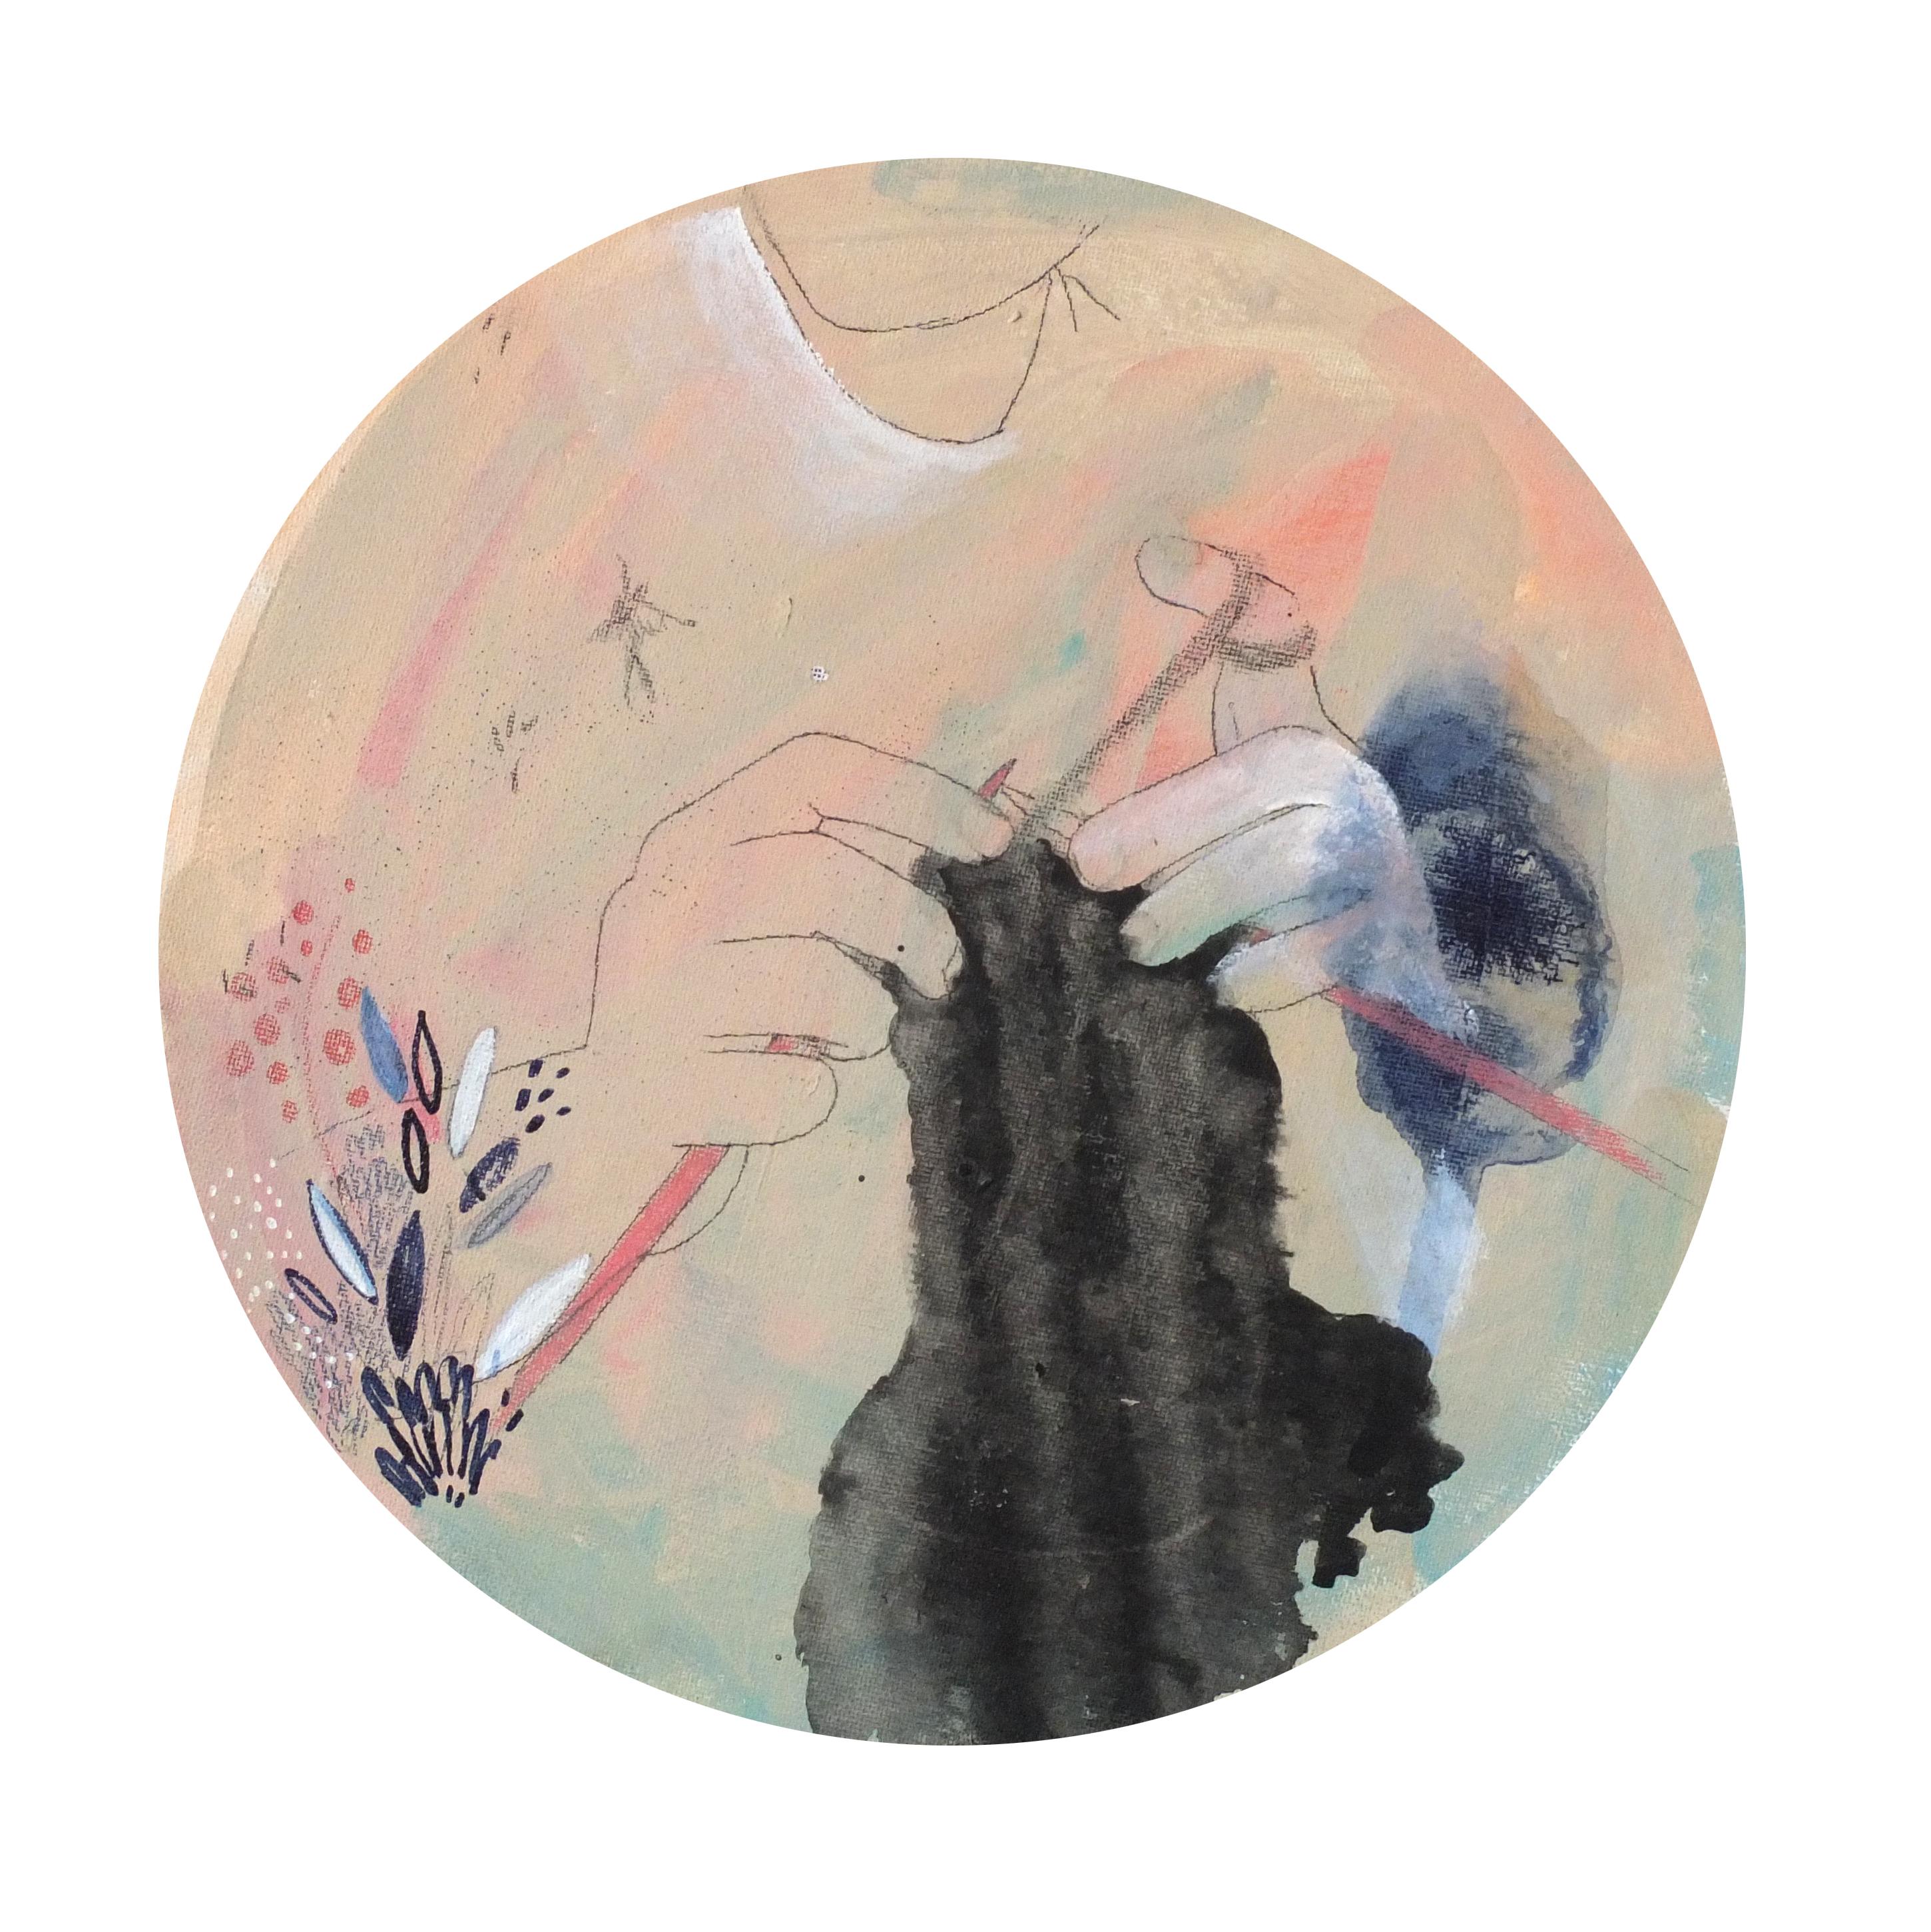 Zwei Hände stricken, das Gestrickte gleicht einen schwarzen Tintenfleck, der aussieht wie verweinte Wimperntusche, Trauer, Trauerarbeit, Illustration Silke Müller, Linz